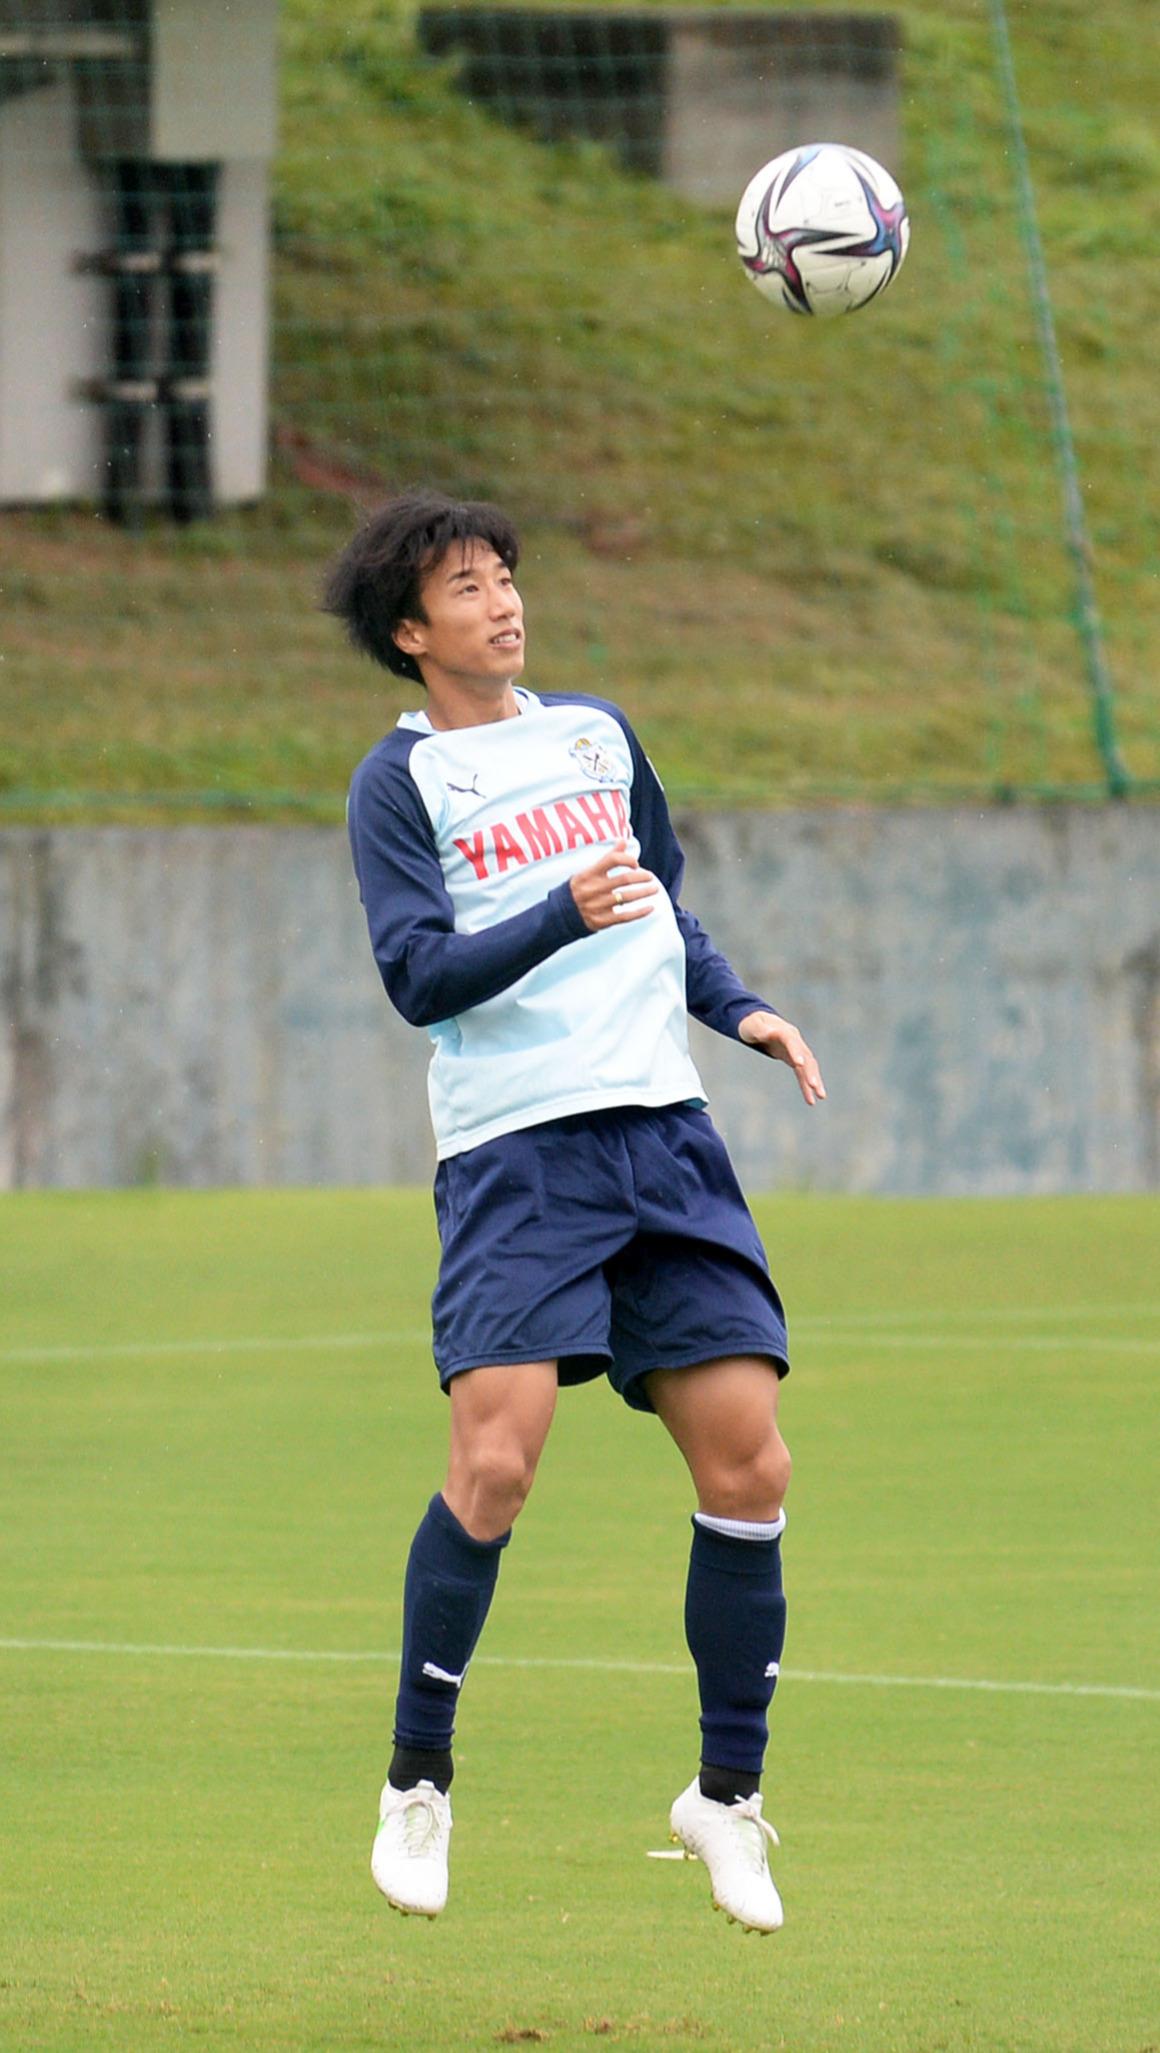 ウオーミングアップでヘディング練習する磐田FW大津